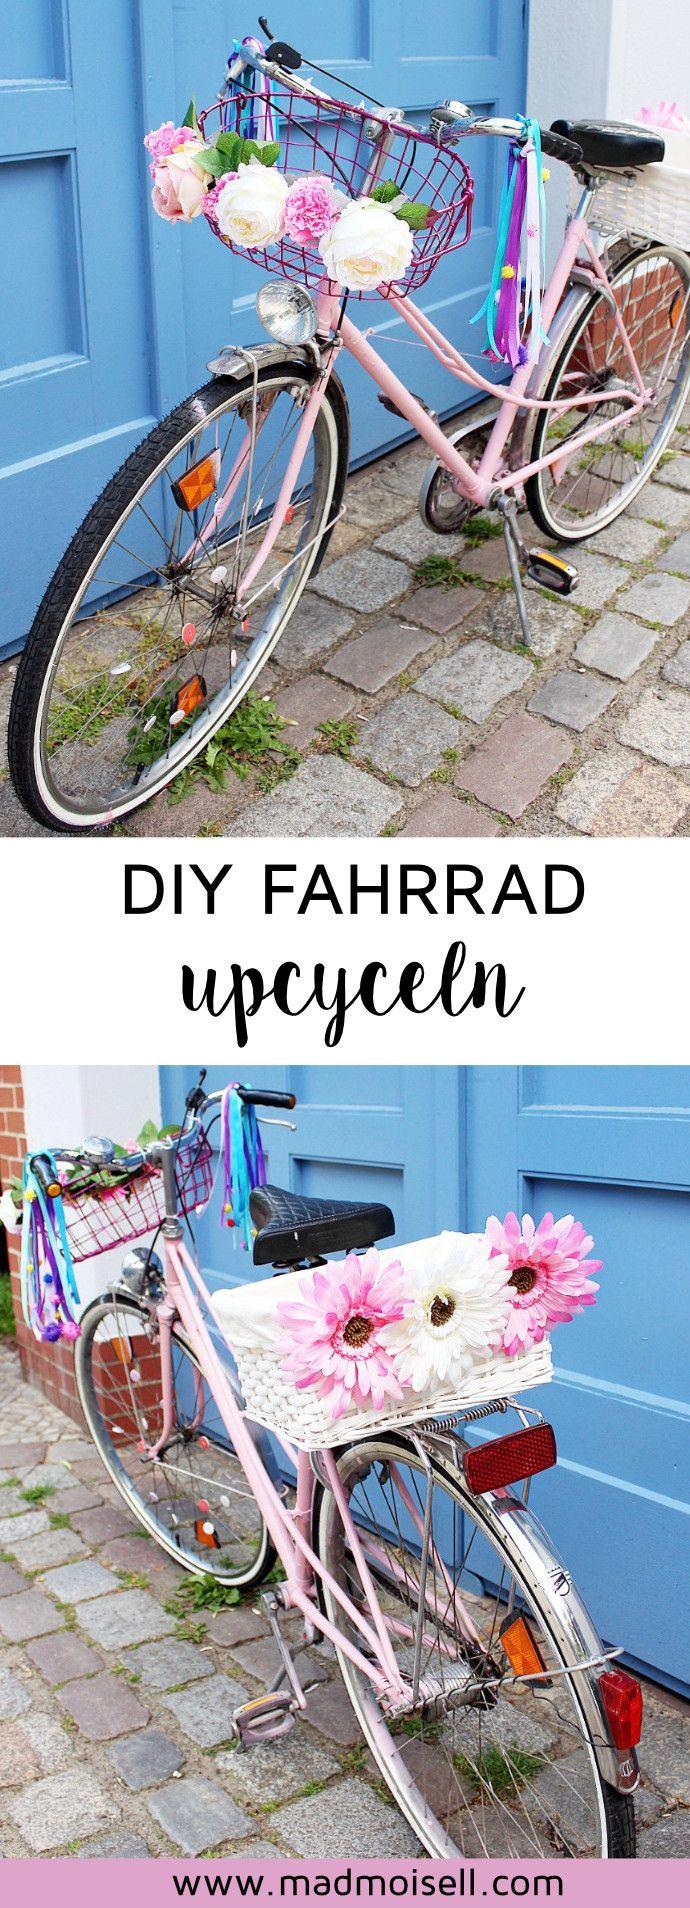 DIY Fahrrad upcyceln: 4 geniale Ideen, um dein altes Fahrrad im Tumblr-Style aufzupumpen! Du hast noch ein altes Fahrrad im Keller stehen? Perfekt, denn dein altes Rad kannst du ganz easy mit wenigen Schritten in ein tolles DIY Fahrrad verwandeln. Alles, was du dazu brauchst, ist Acrylspray, Blumen und Fahrradkörbe... Fertig ist dein neues Vintage-Rad!